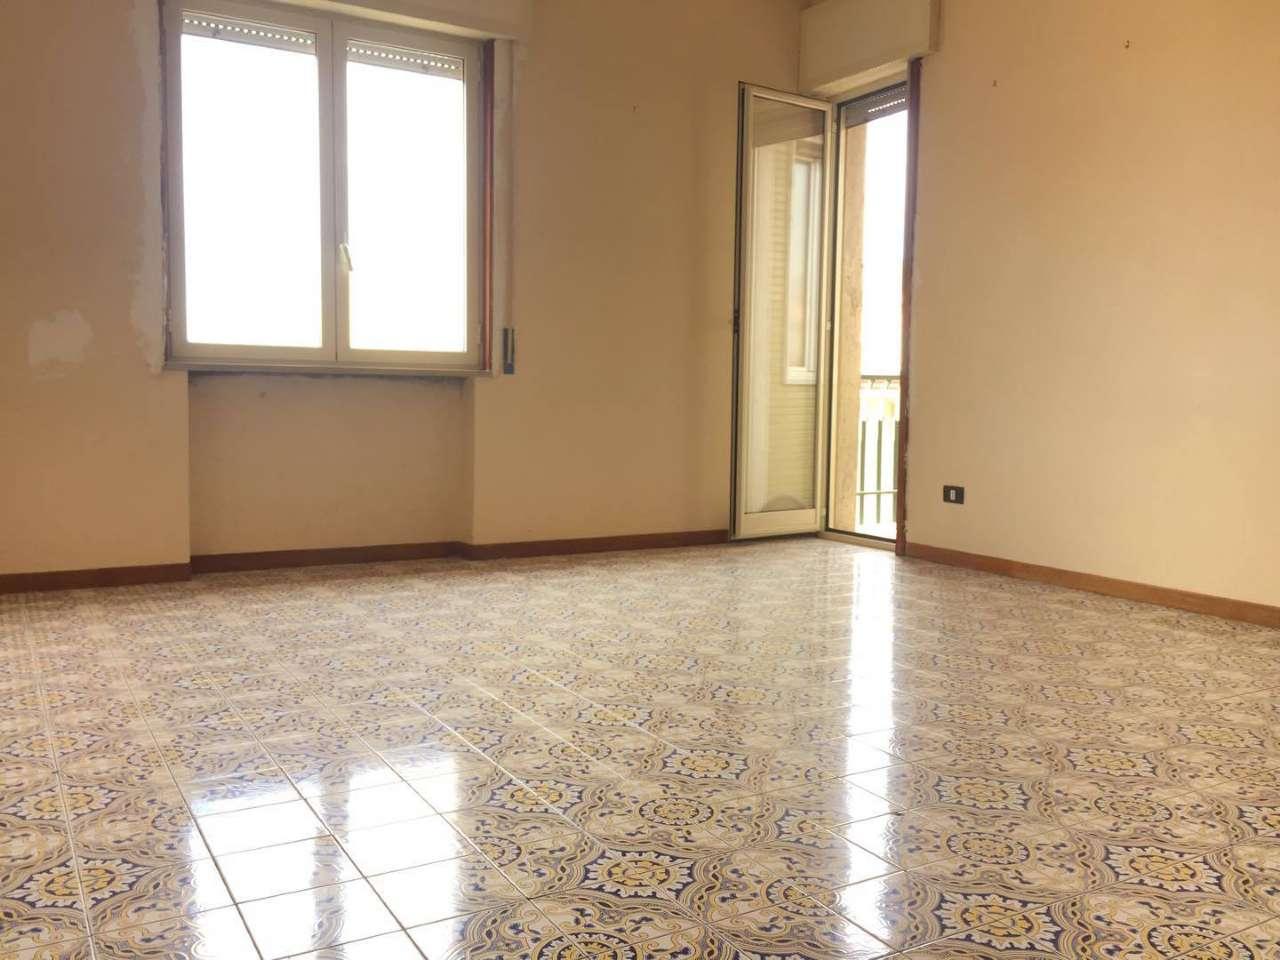 Appartamento in vendita a Frattamaggiore, 4 locali, prezzo € 174.000 | CambioCasa.it